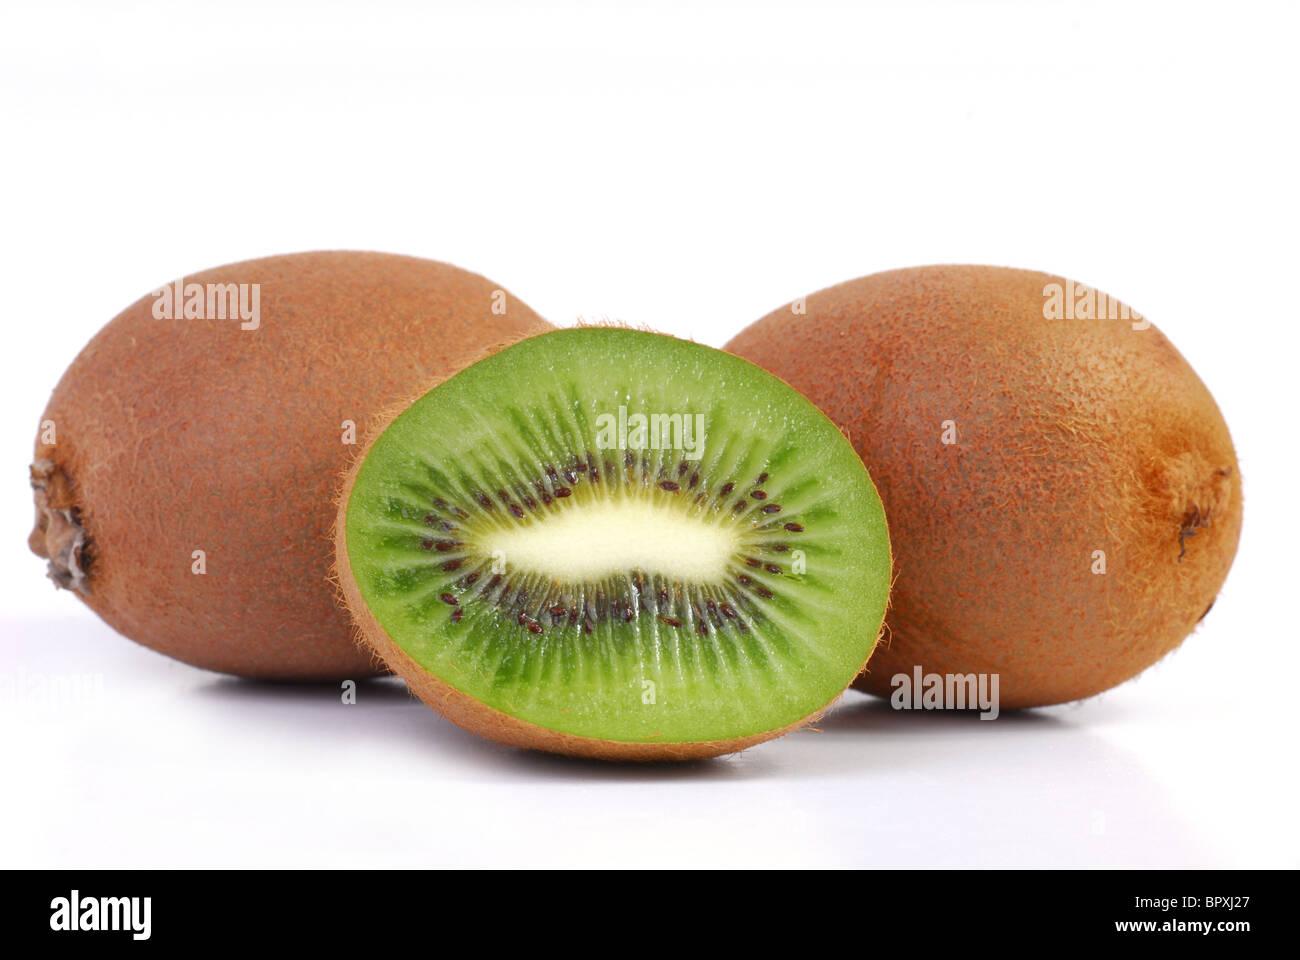 Freshly cut kiwi studio isolated on white background - Stock Image